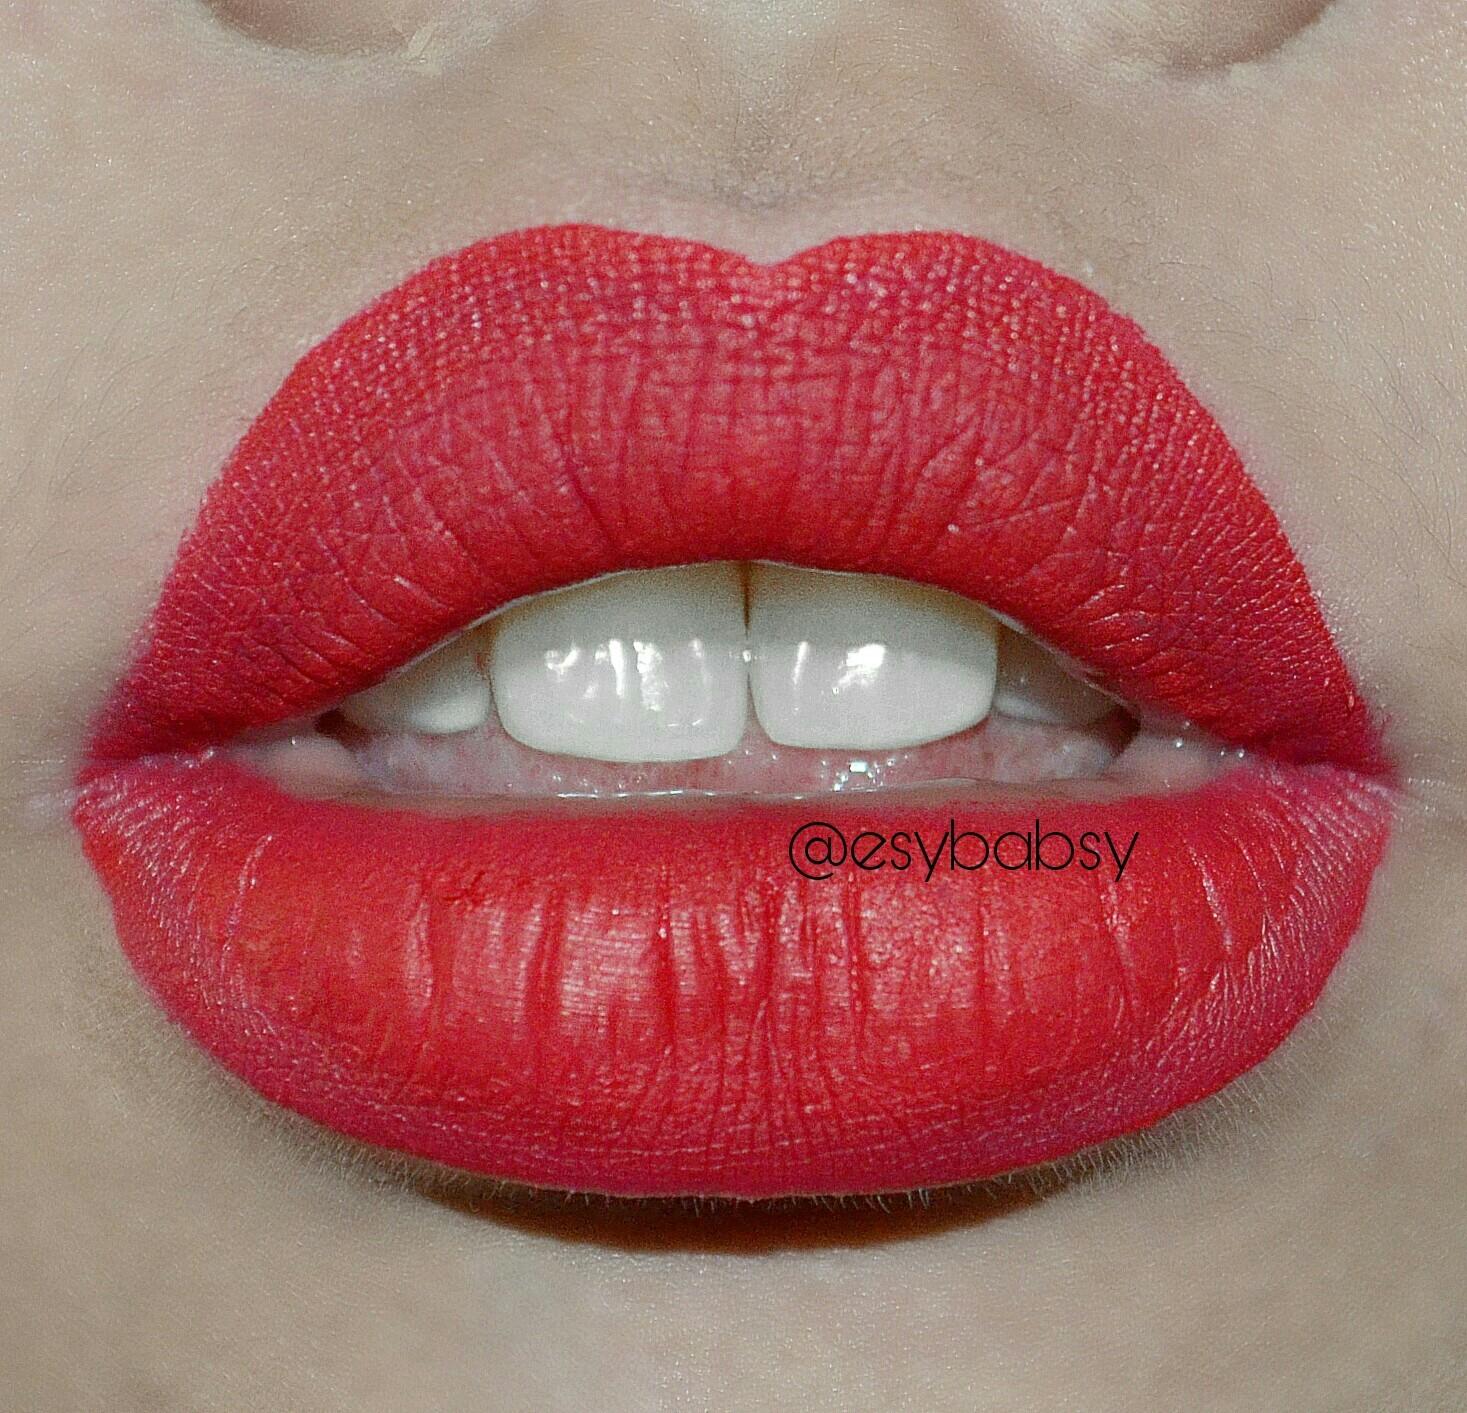 Wardah Exclusive Matte Lip Cream 08 Pinkcredible Source FEELING RED ini adalah merah .